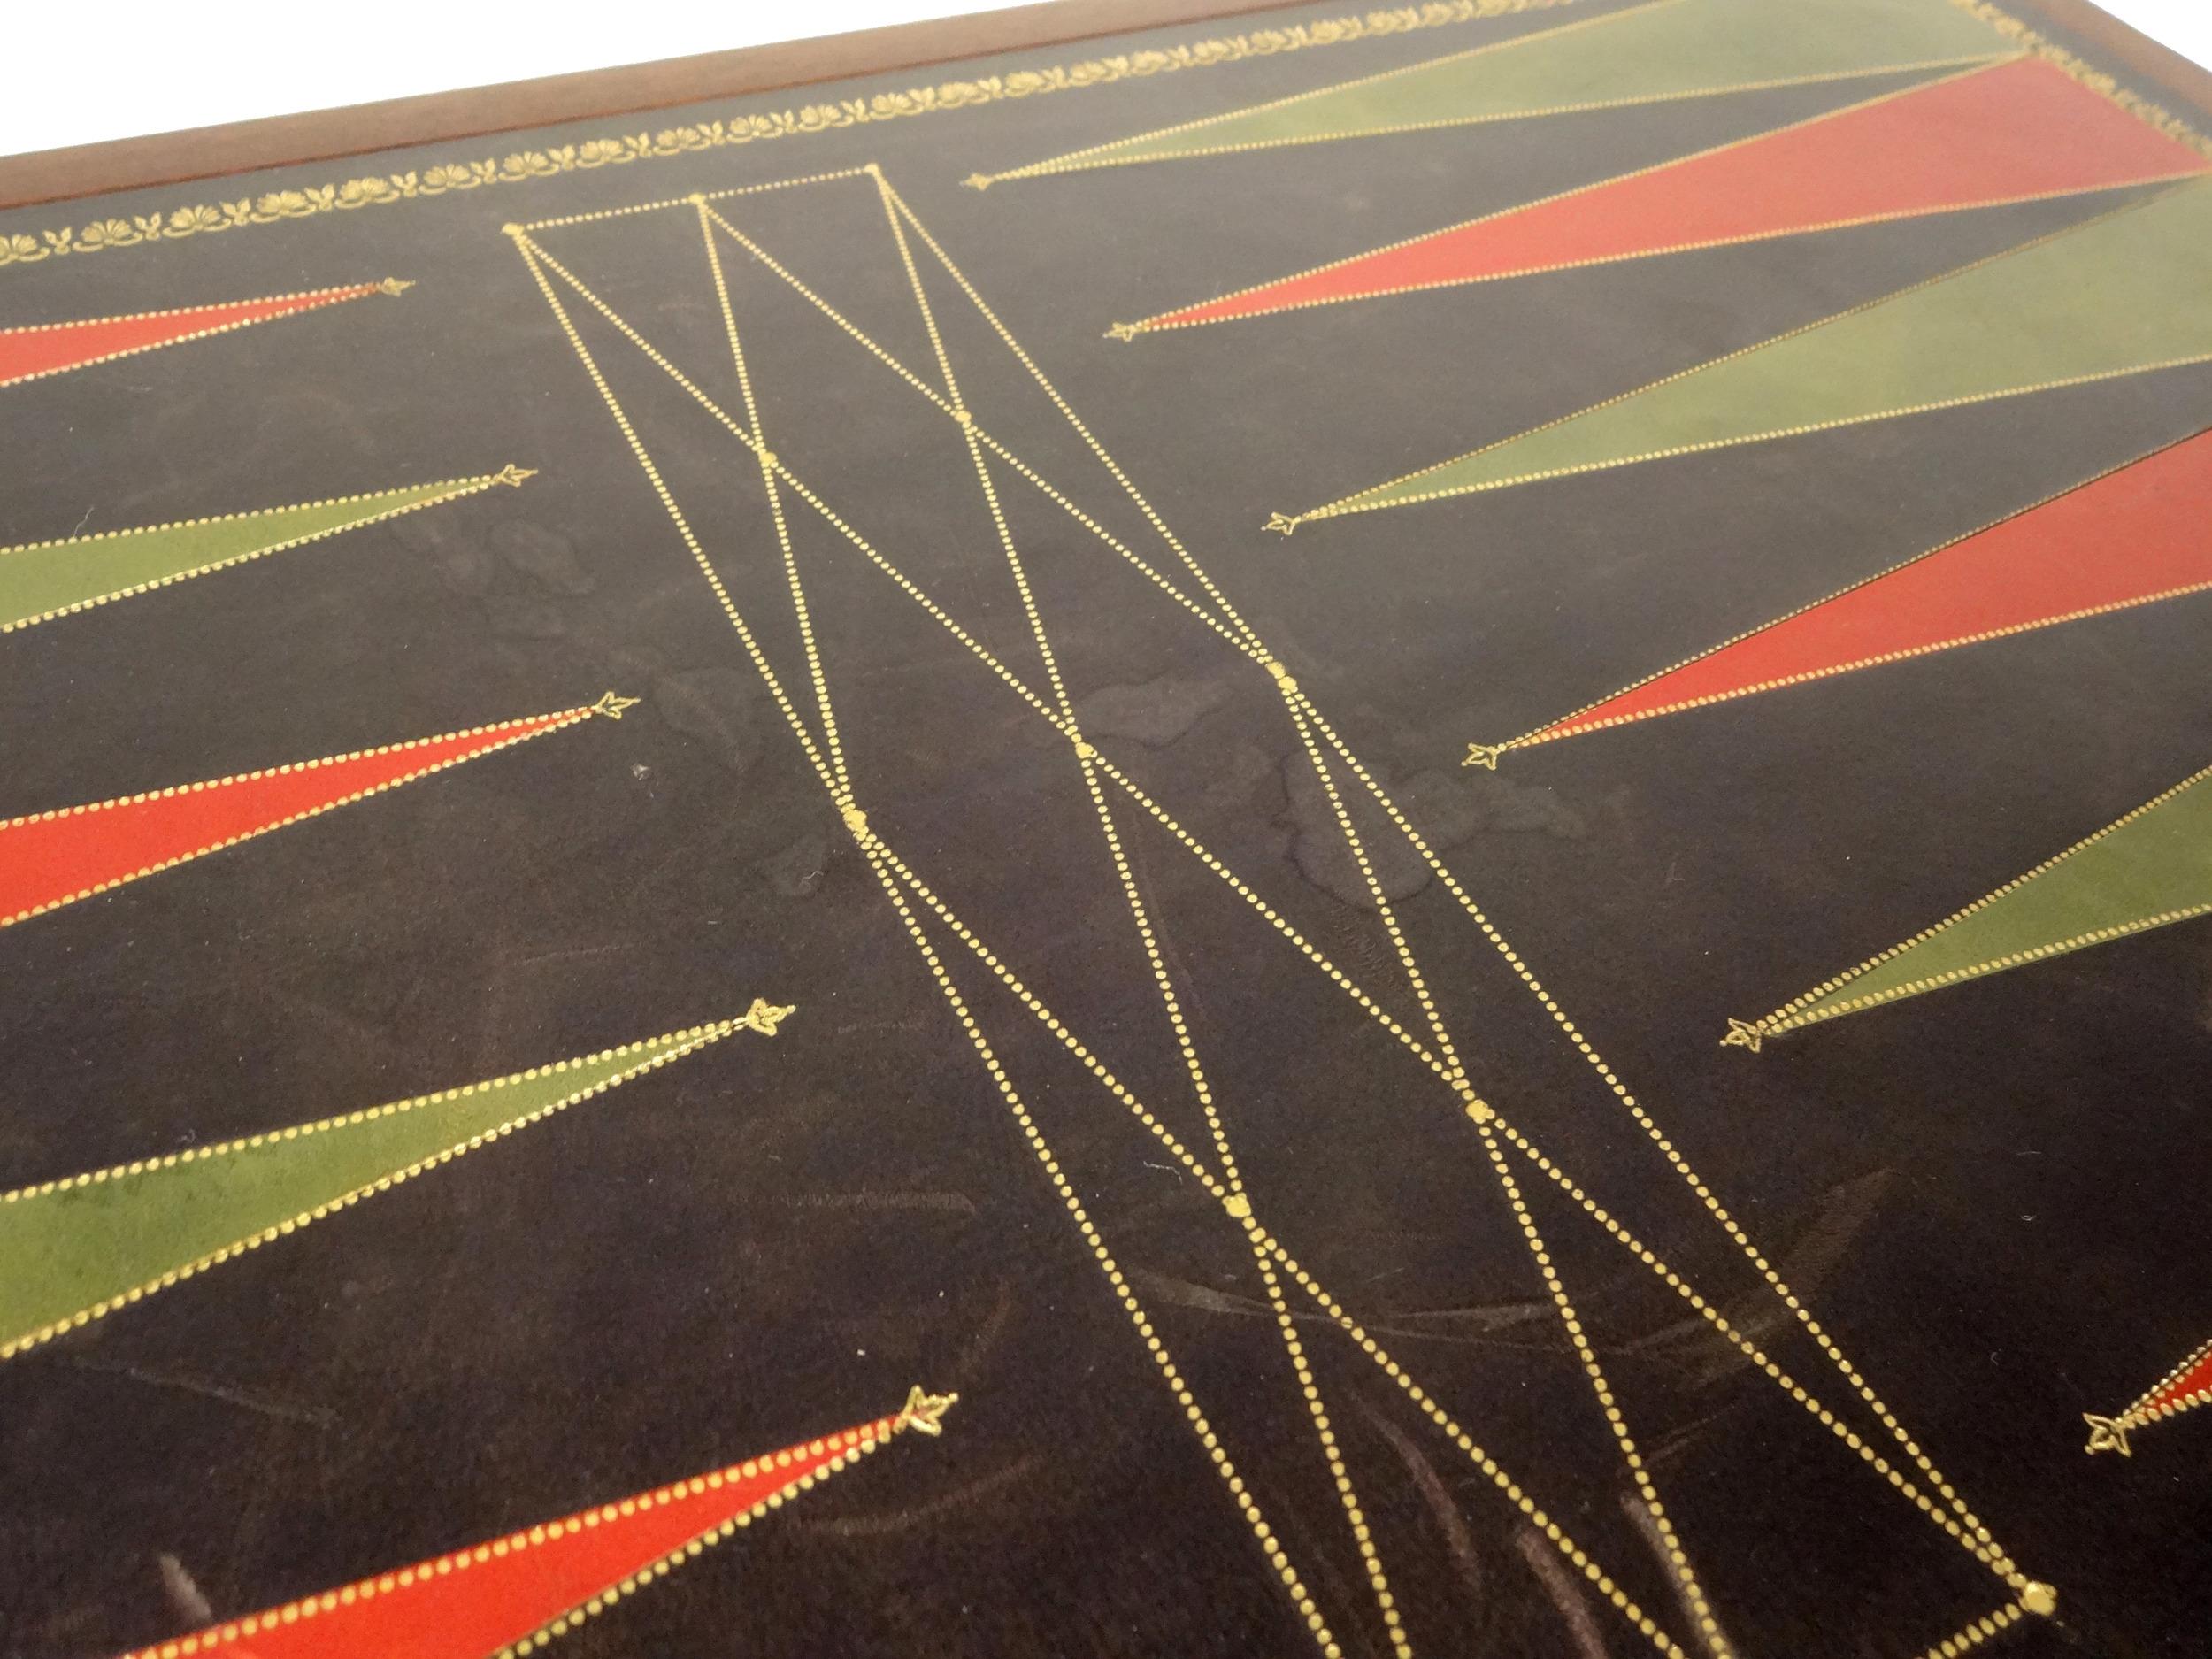 backgammon table deatil.jpg